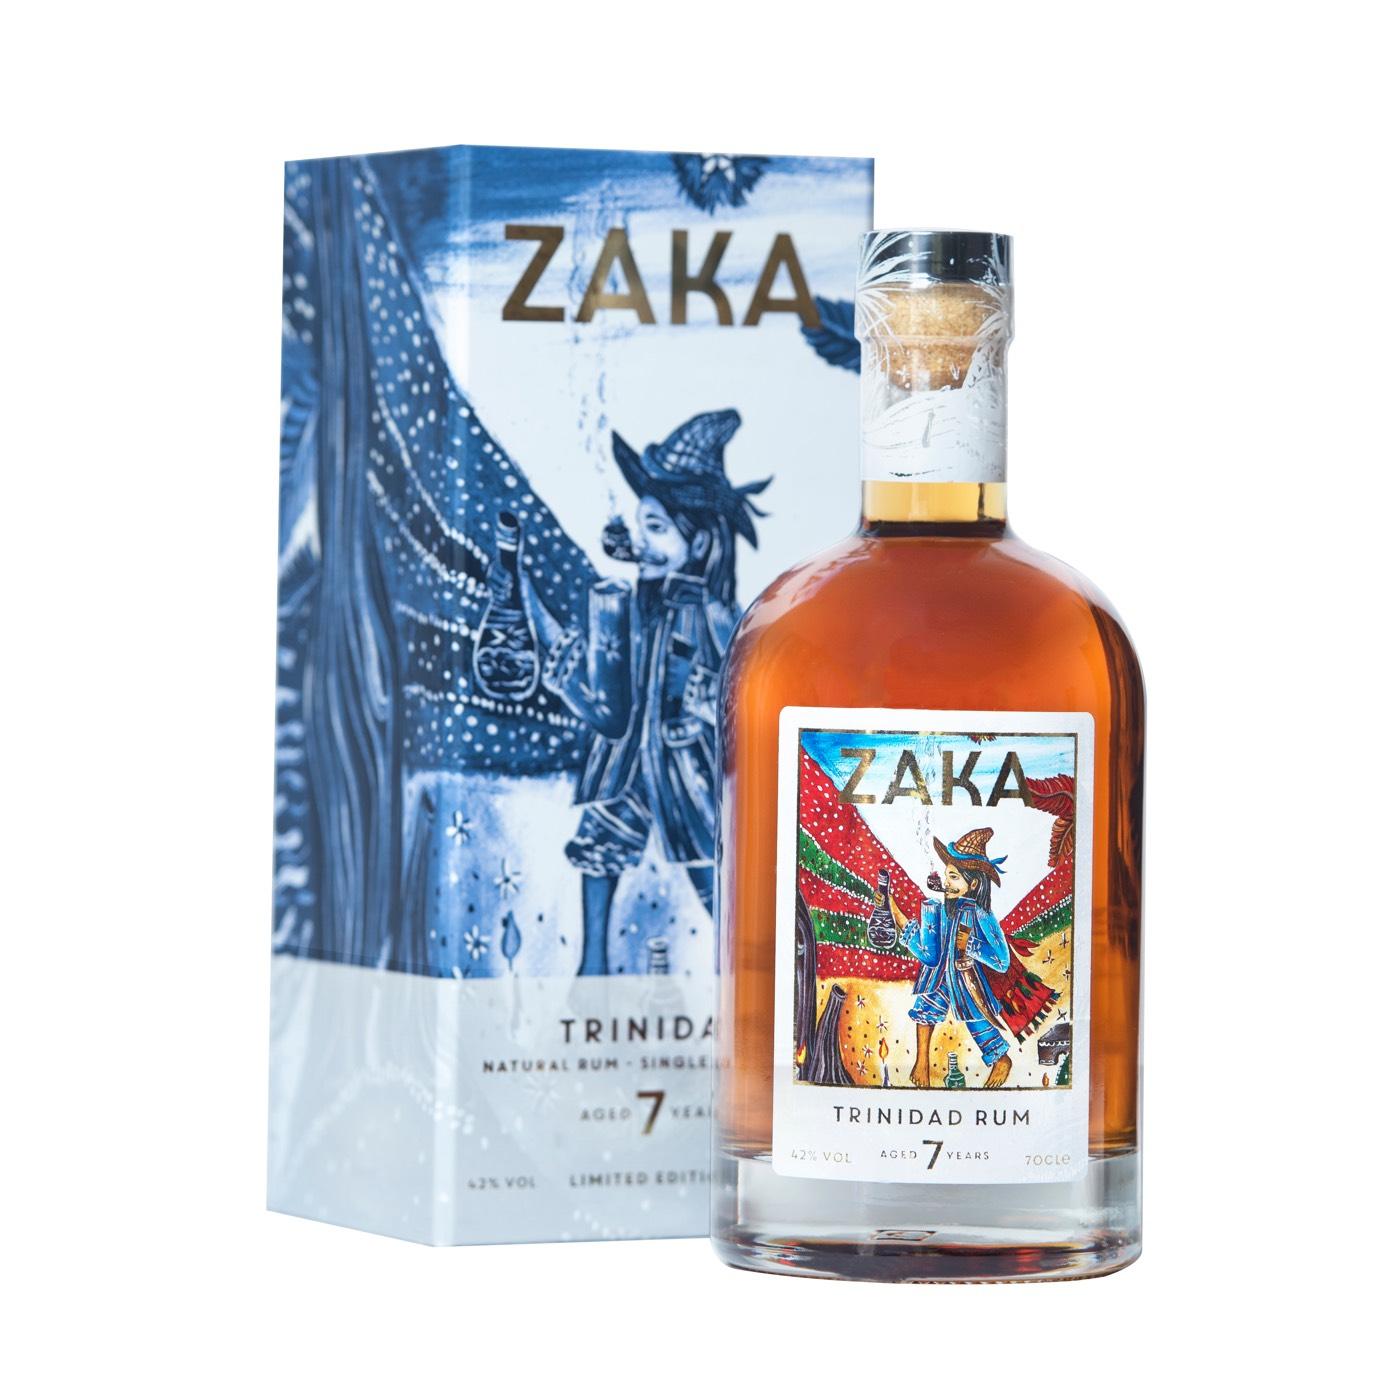 Bottle image of Zaka Trinidad